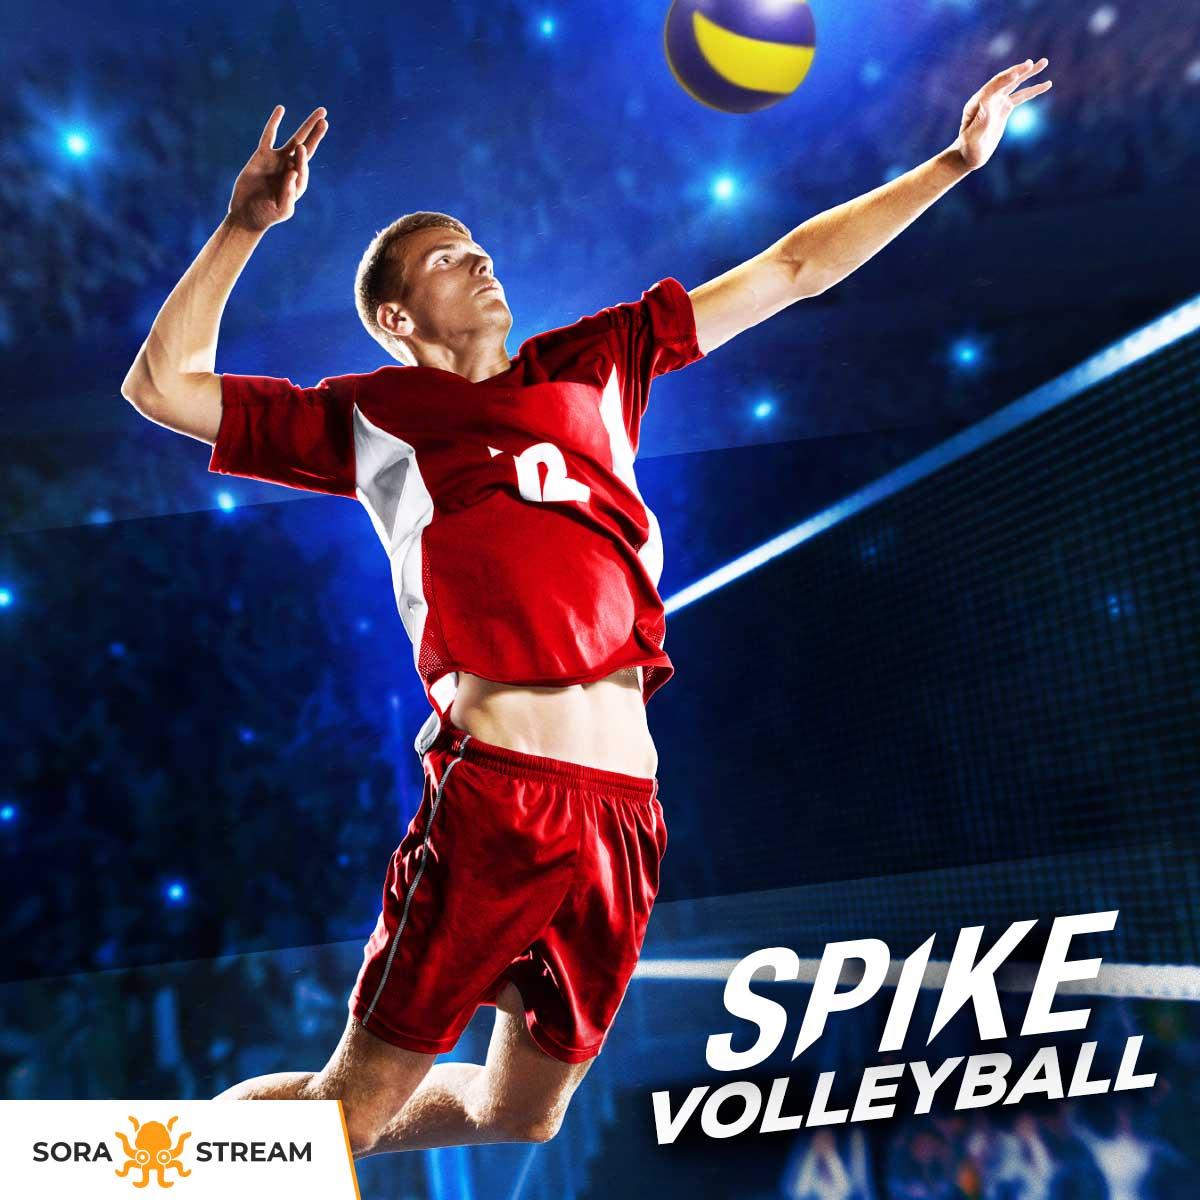 Escoge entre las 50 #selecciones nacionales o crea tu equipo de ensueño en Spike Volleyball, el juego que te trasmitirá la #intensidad de cada #partido. Ahora que el balón está en tu lado, vuela alto hasta la cima 🏐🔝 Cuando quieras jugar... ¡Sora Stream!